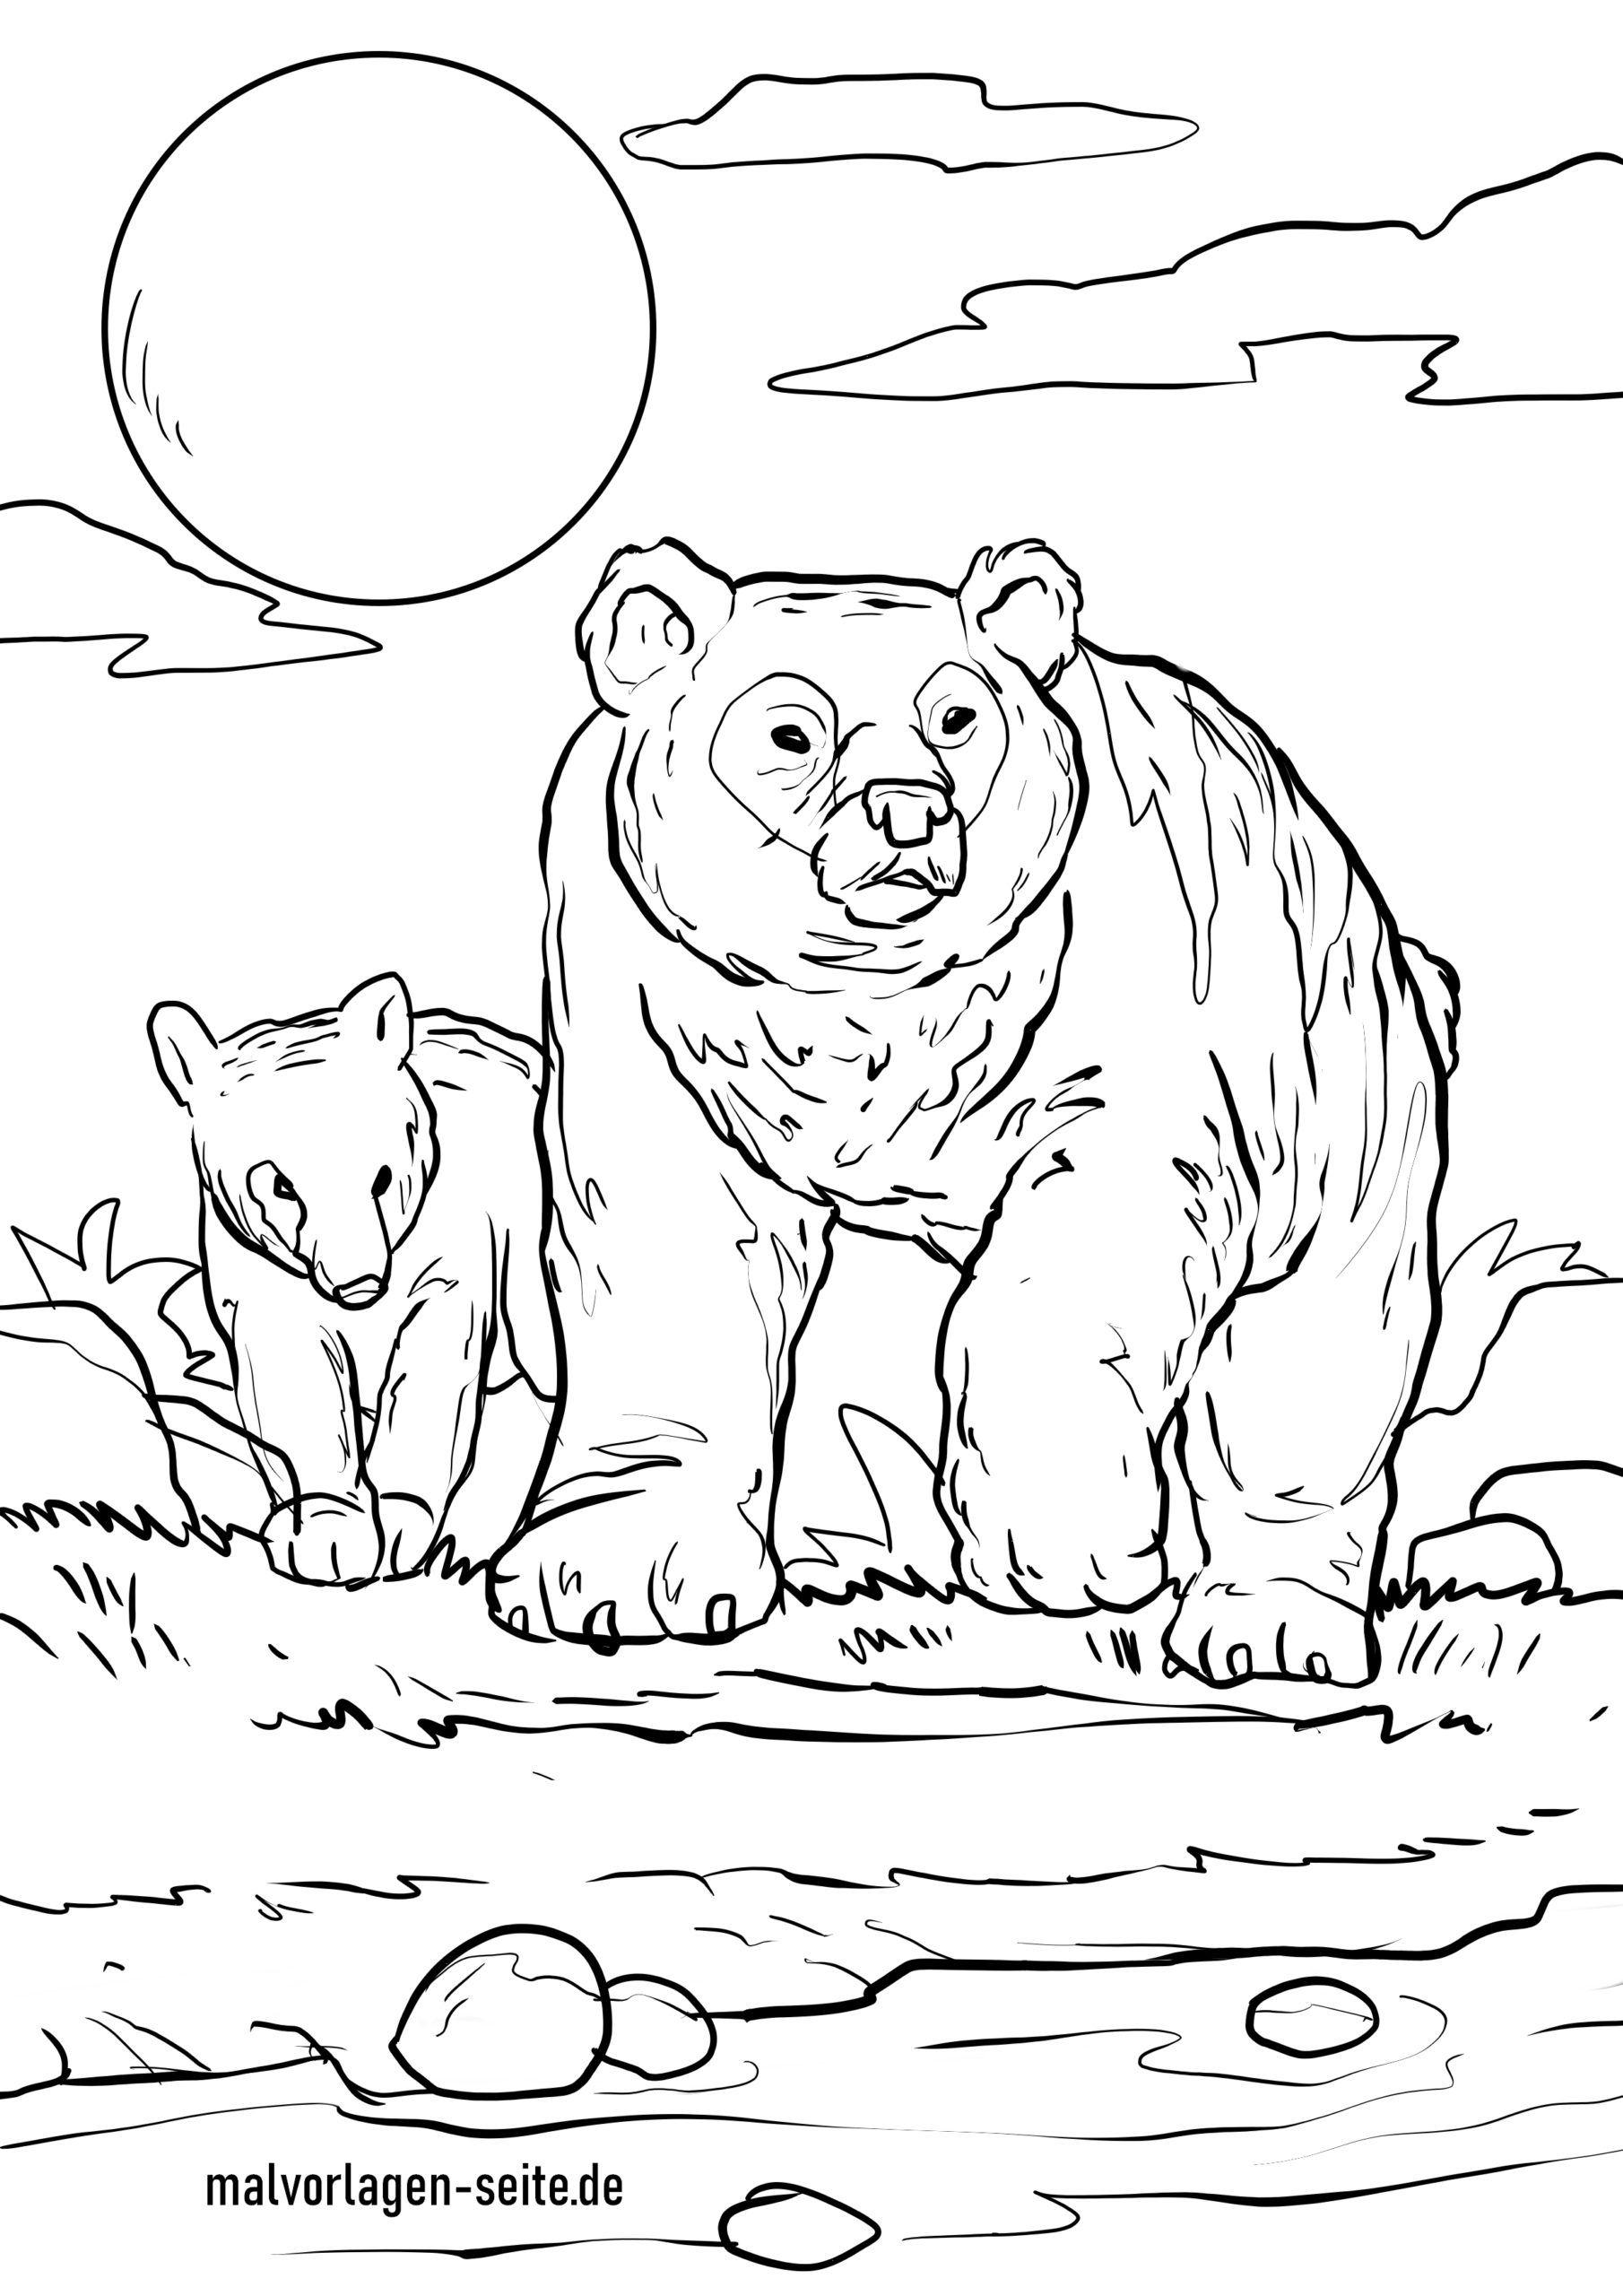 Malvorlage Bär | Tiere - Ausmalbilder Kostenlos Herunterladen innen Bären Bilder Zum Ausdrucken